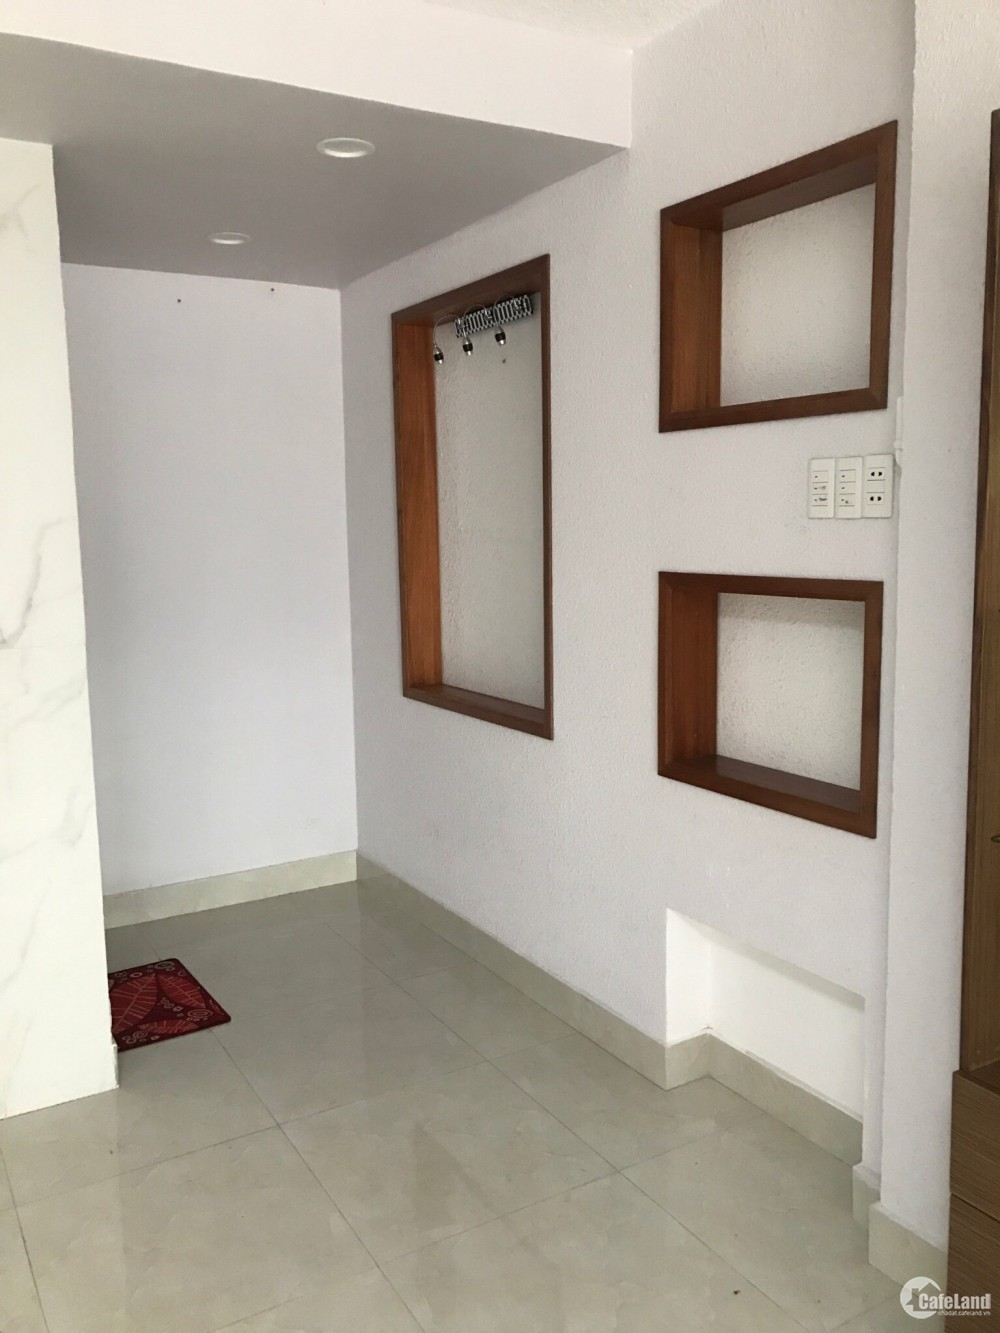 Bán nhà trung tâm P. Tân Định, quận 1, MT Nguyễn Văn Nguyễn, 4.5x14. Giá 19.2 tỷ